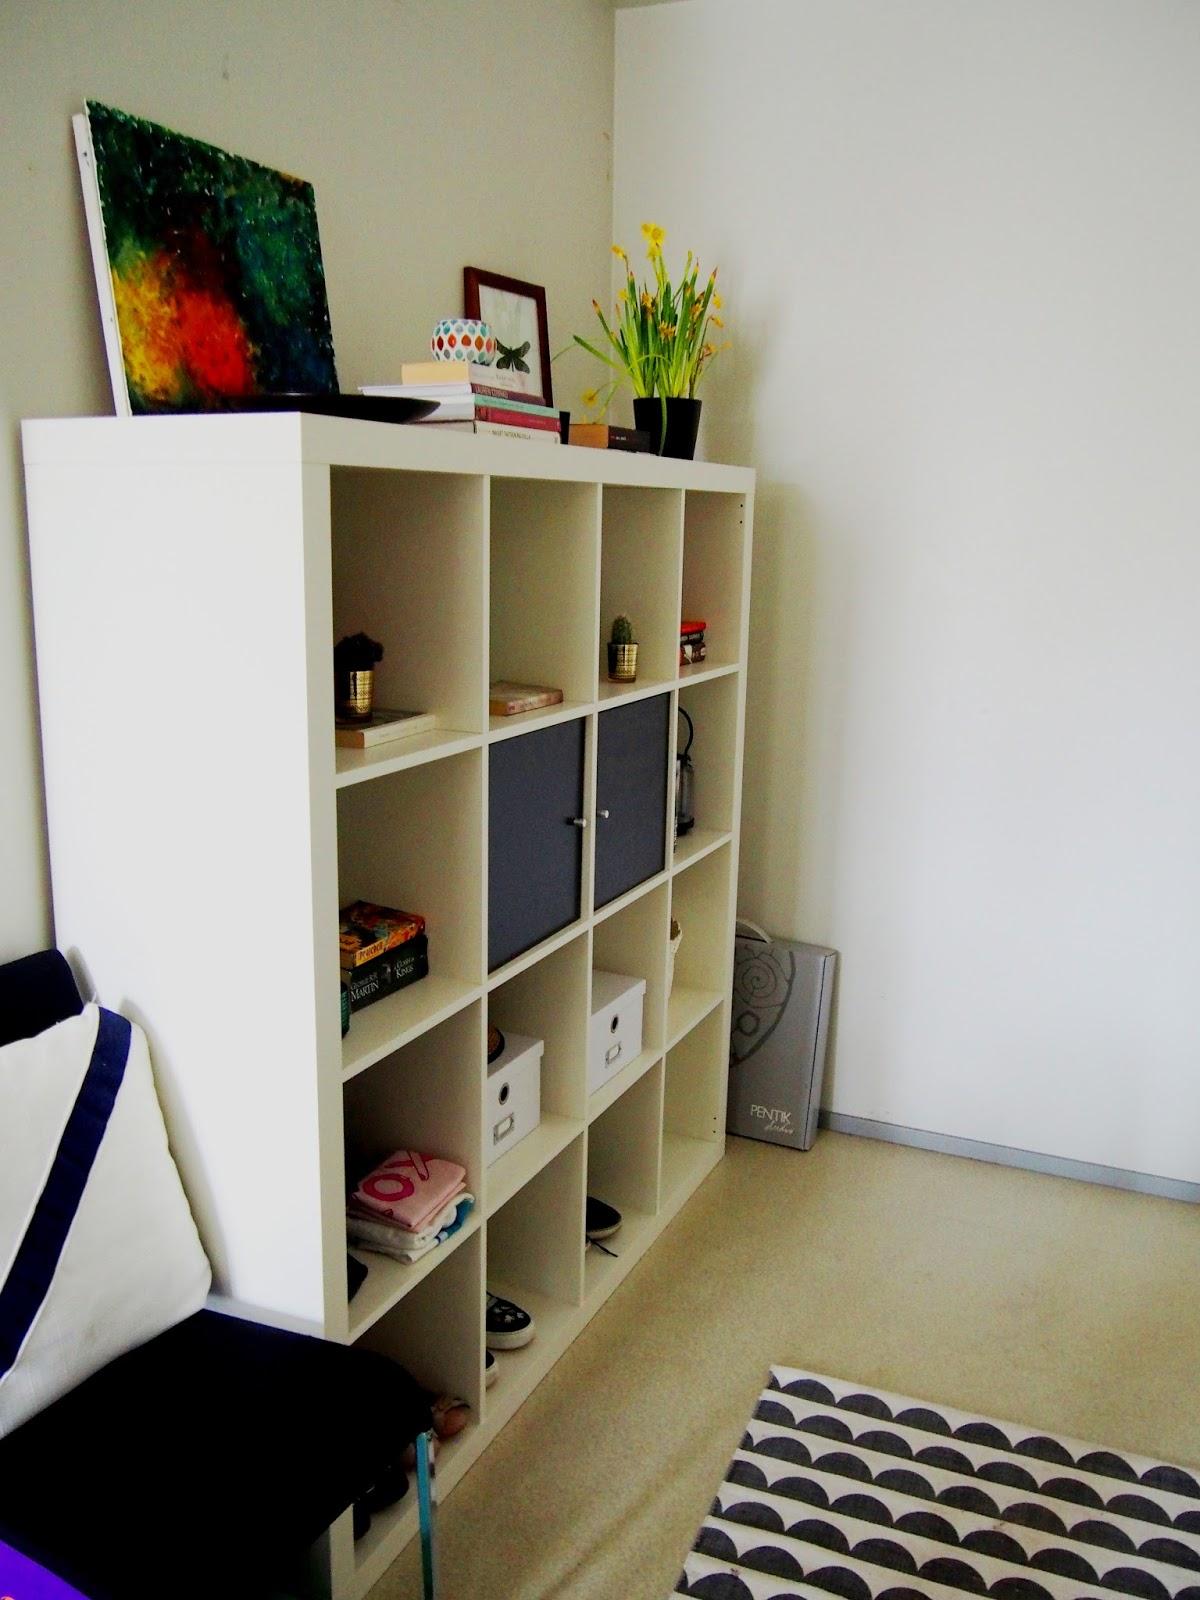 Hallway eteinen shelf hylly flower art books diy kirjat taide shoes organization